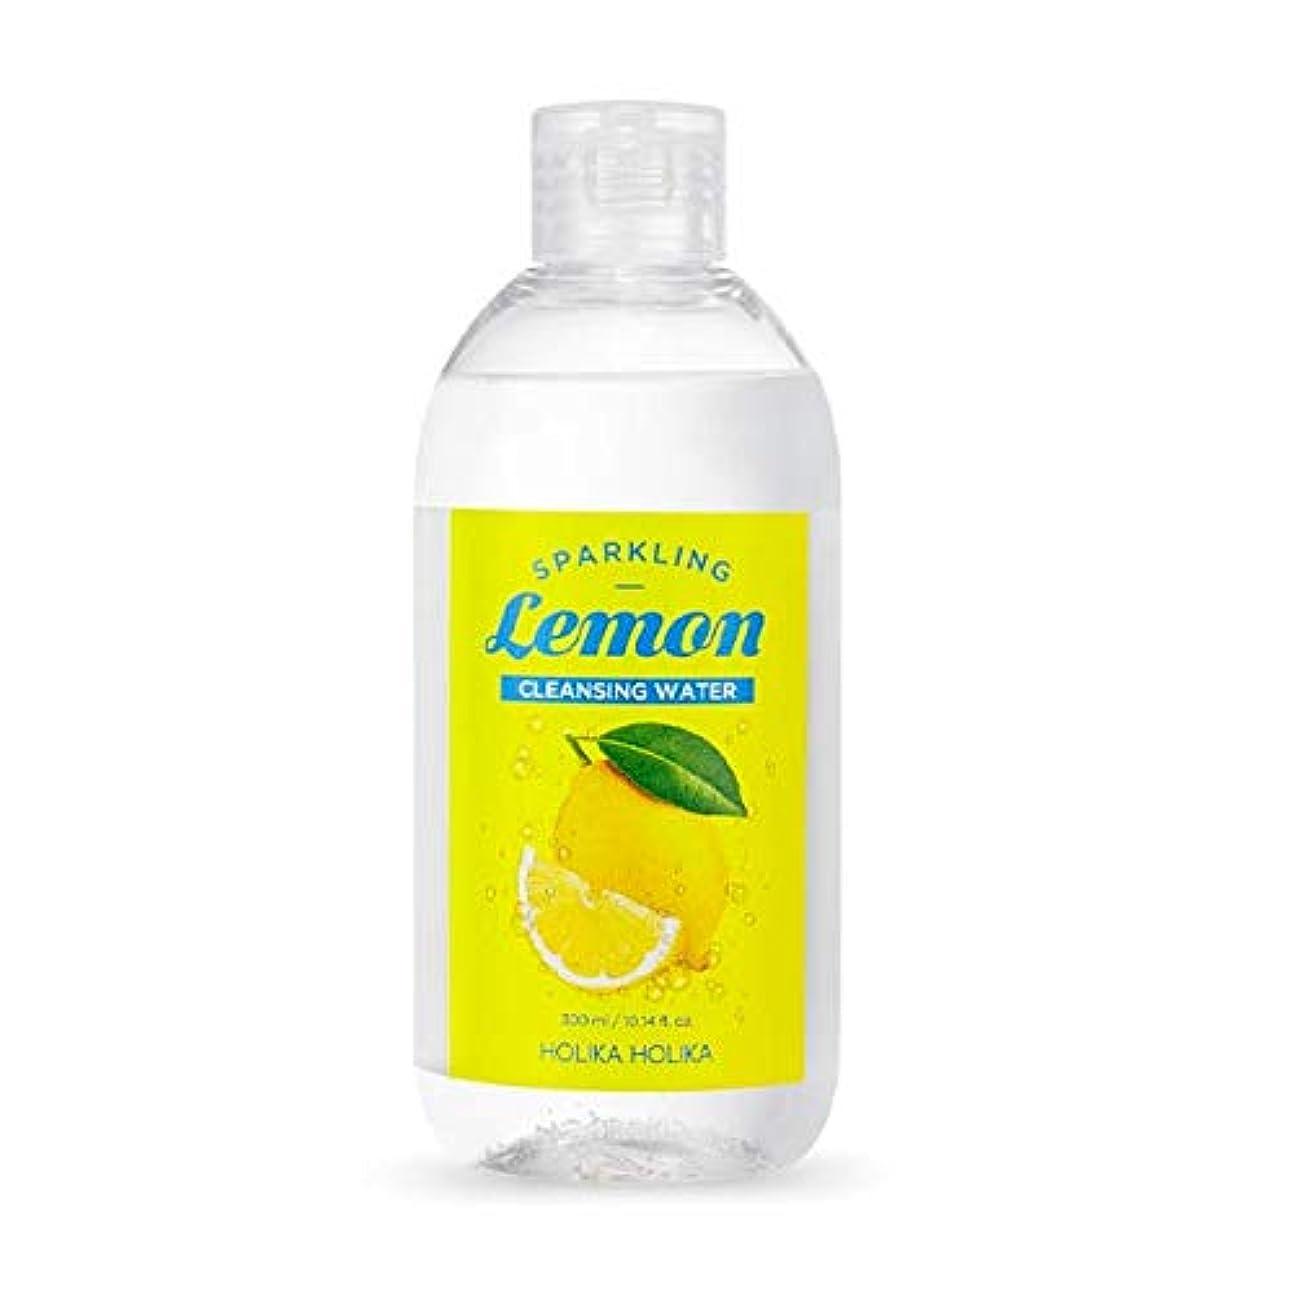 切断するクック宿題ホリカホリカ 炭酸レモンクレンジングウォーター 300ml / Holika Holika Sparkling Lemon Cleansing Water 300ml [並行輸入品]